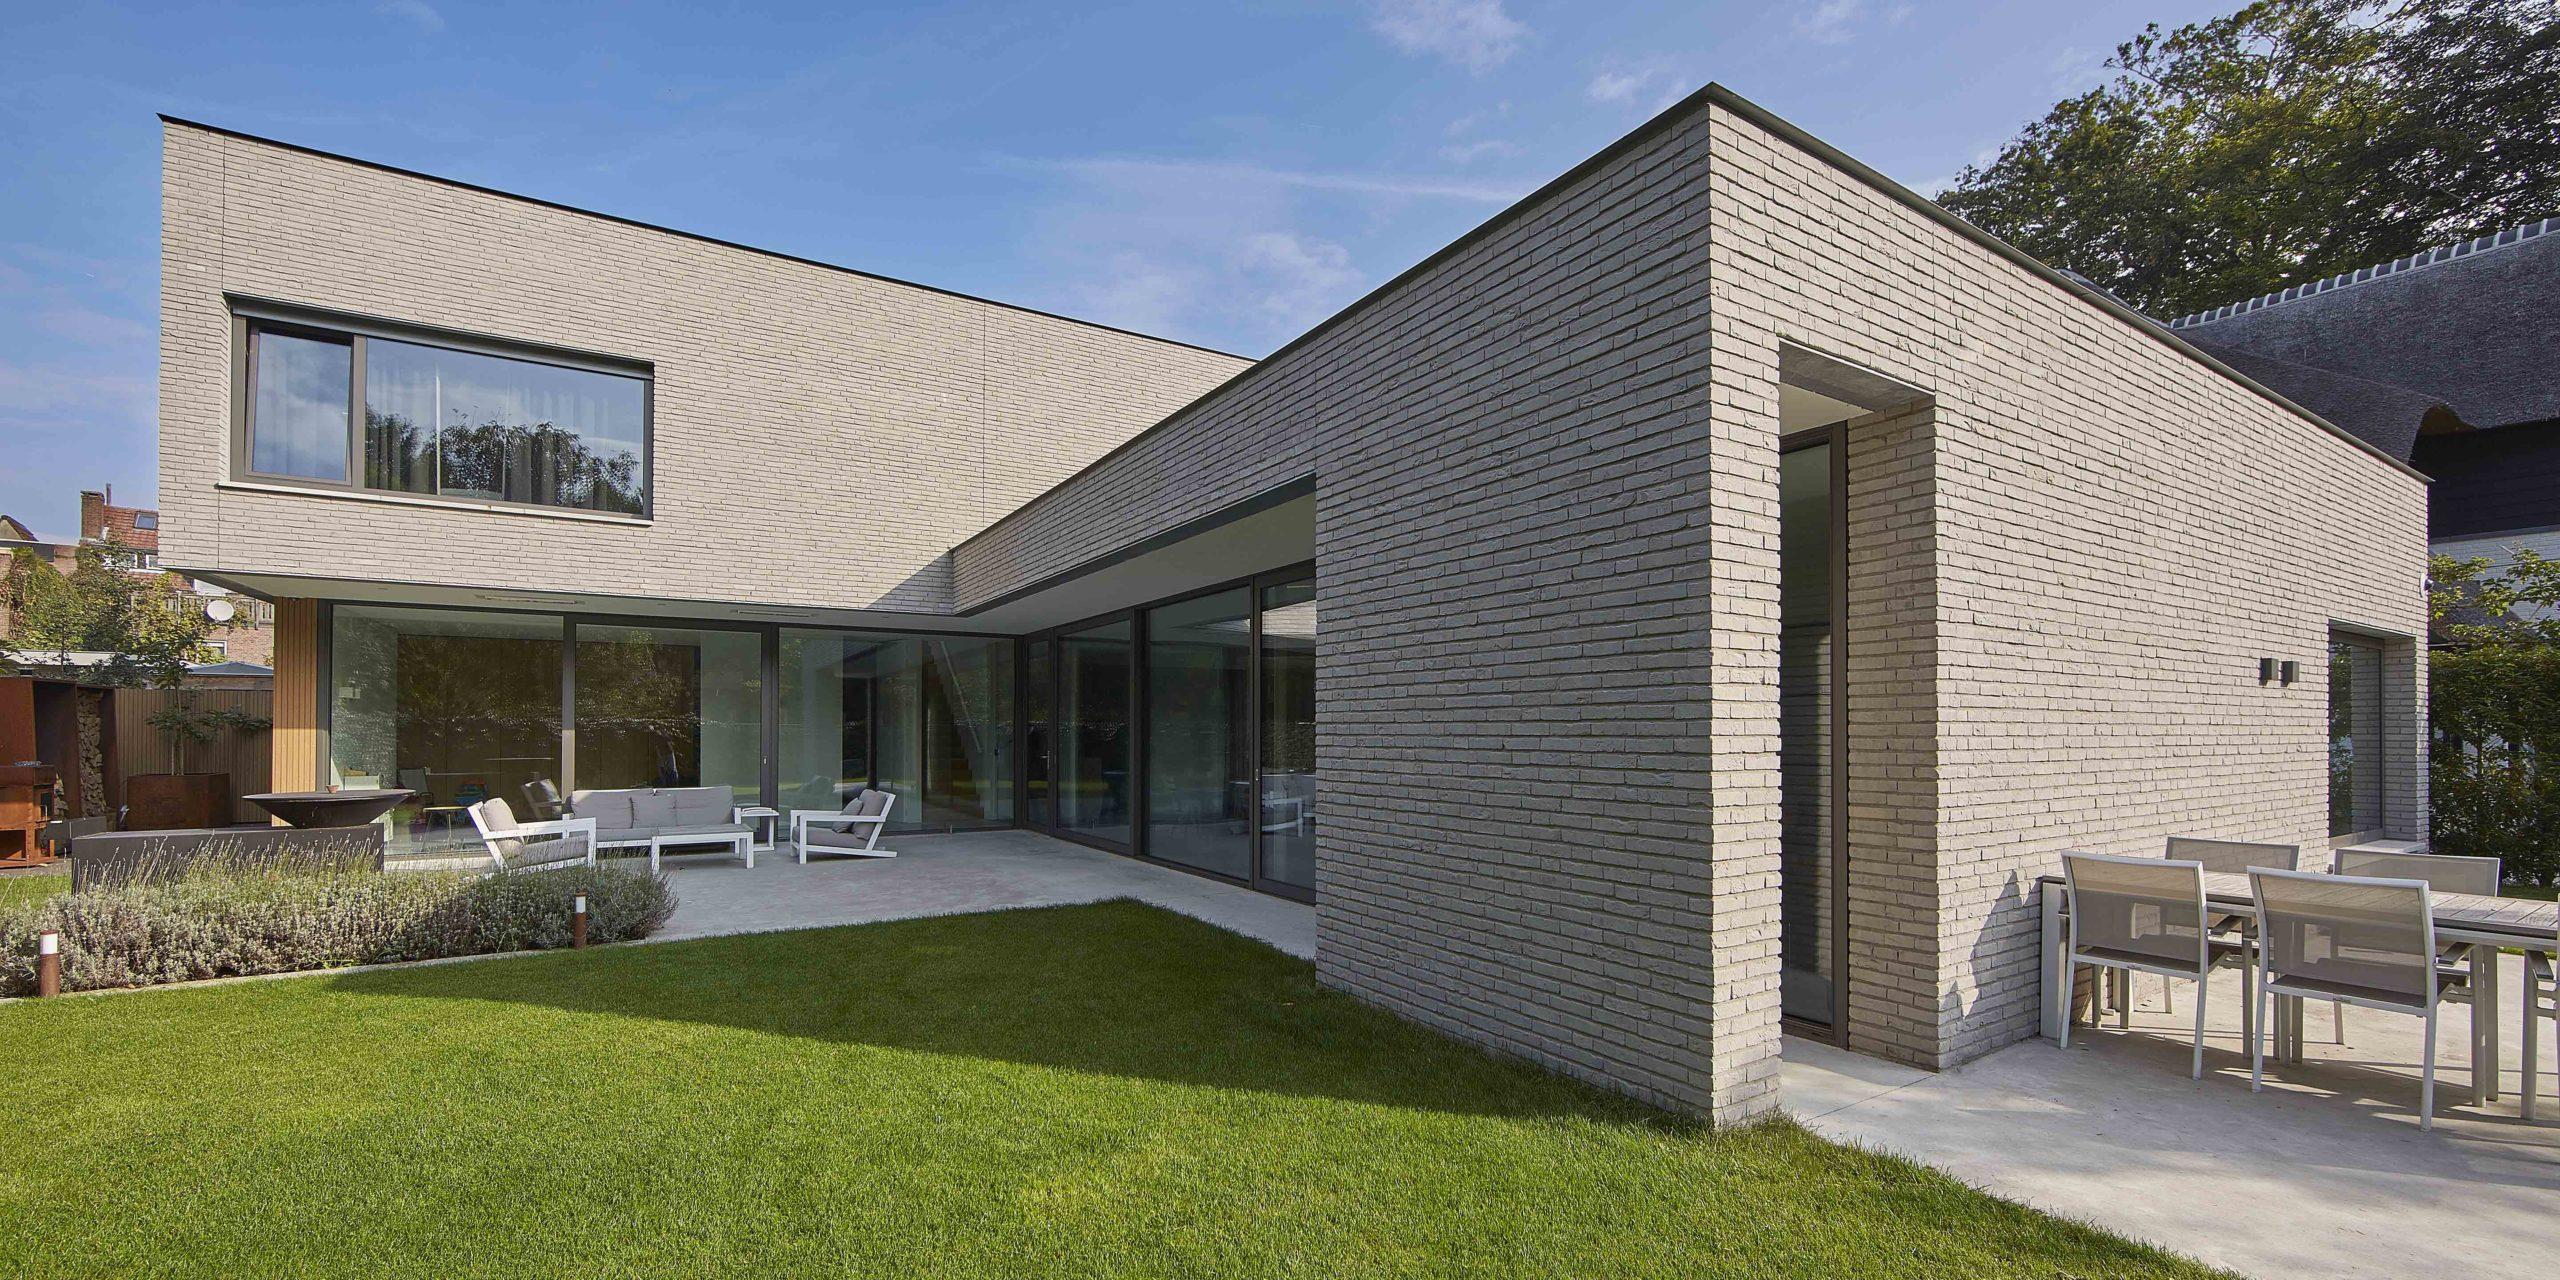 Open Interieur, De Goede Bouw, the art of living